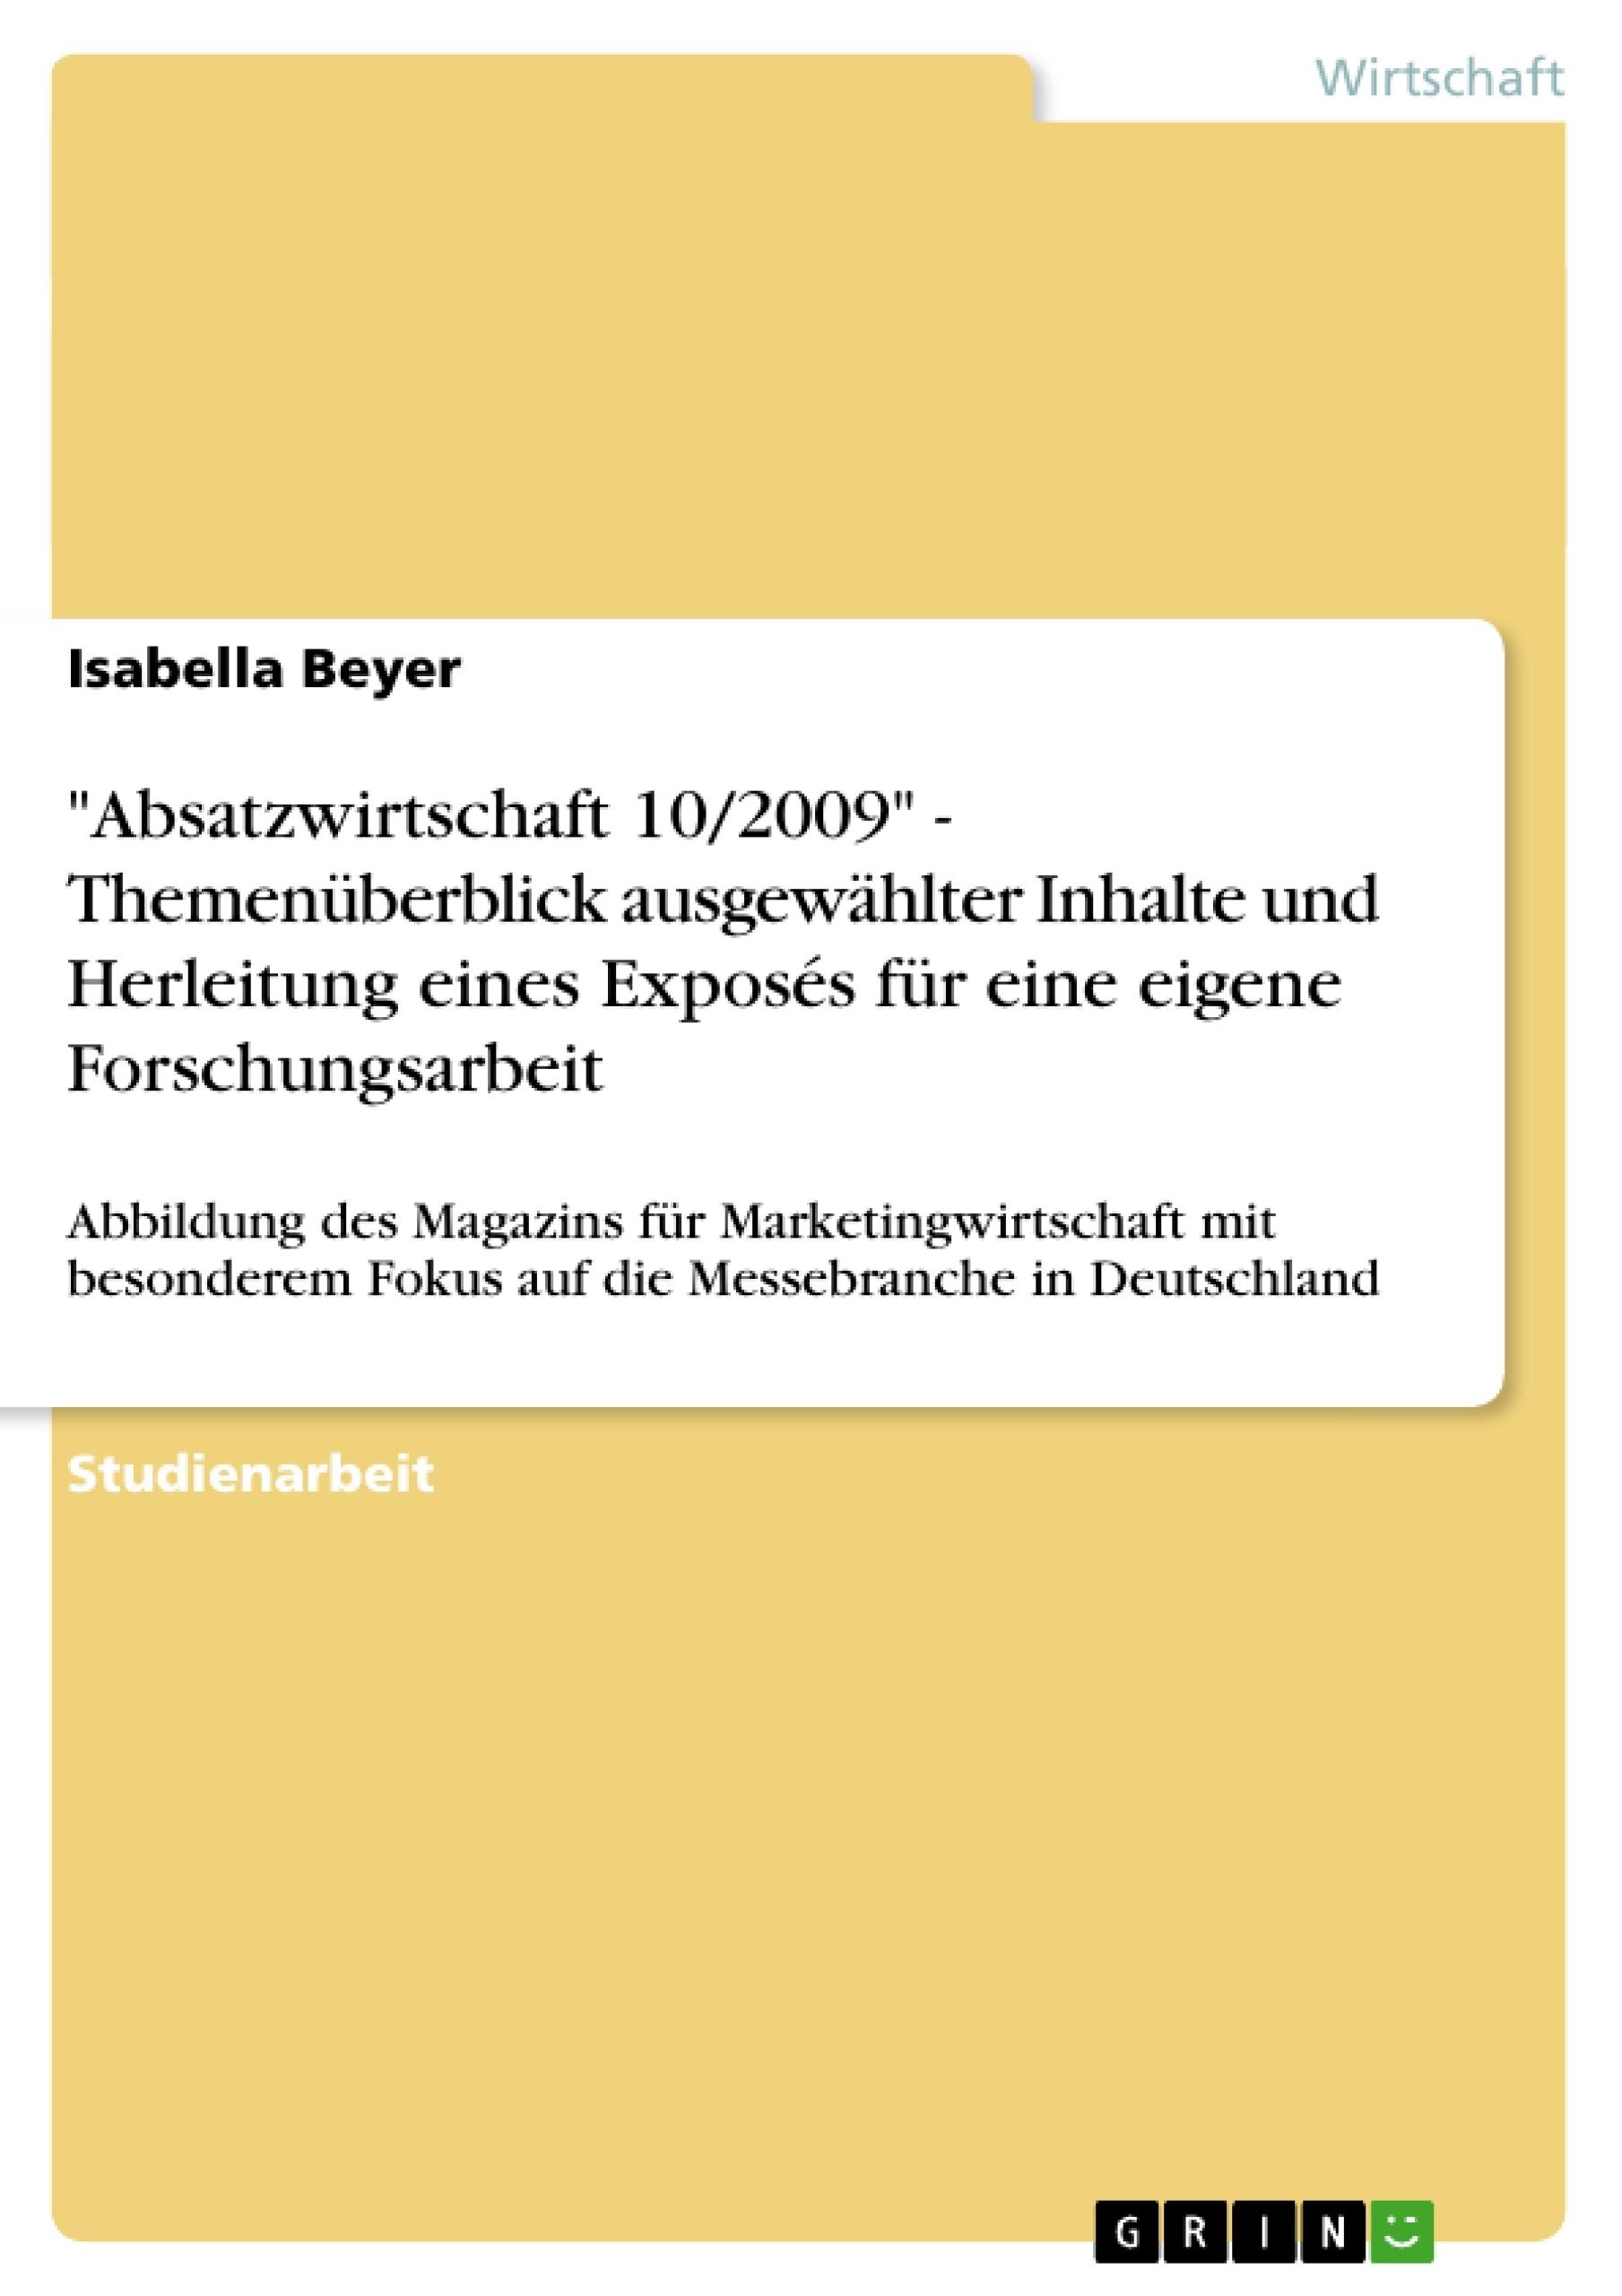 """Titel: """"Absatzwirtschaft 10/2009"""" - Themenüberblick ausgewählter Inhalte und Herleitung eines Exposés für eine eigene Forschungsarbeit"""